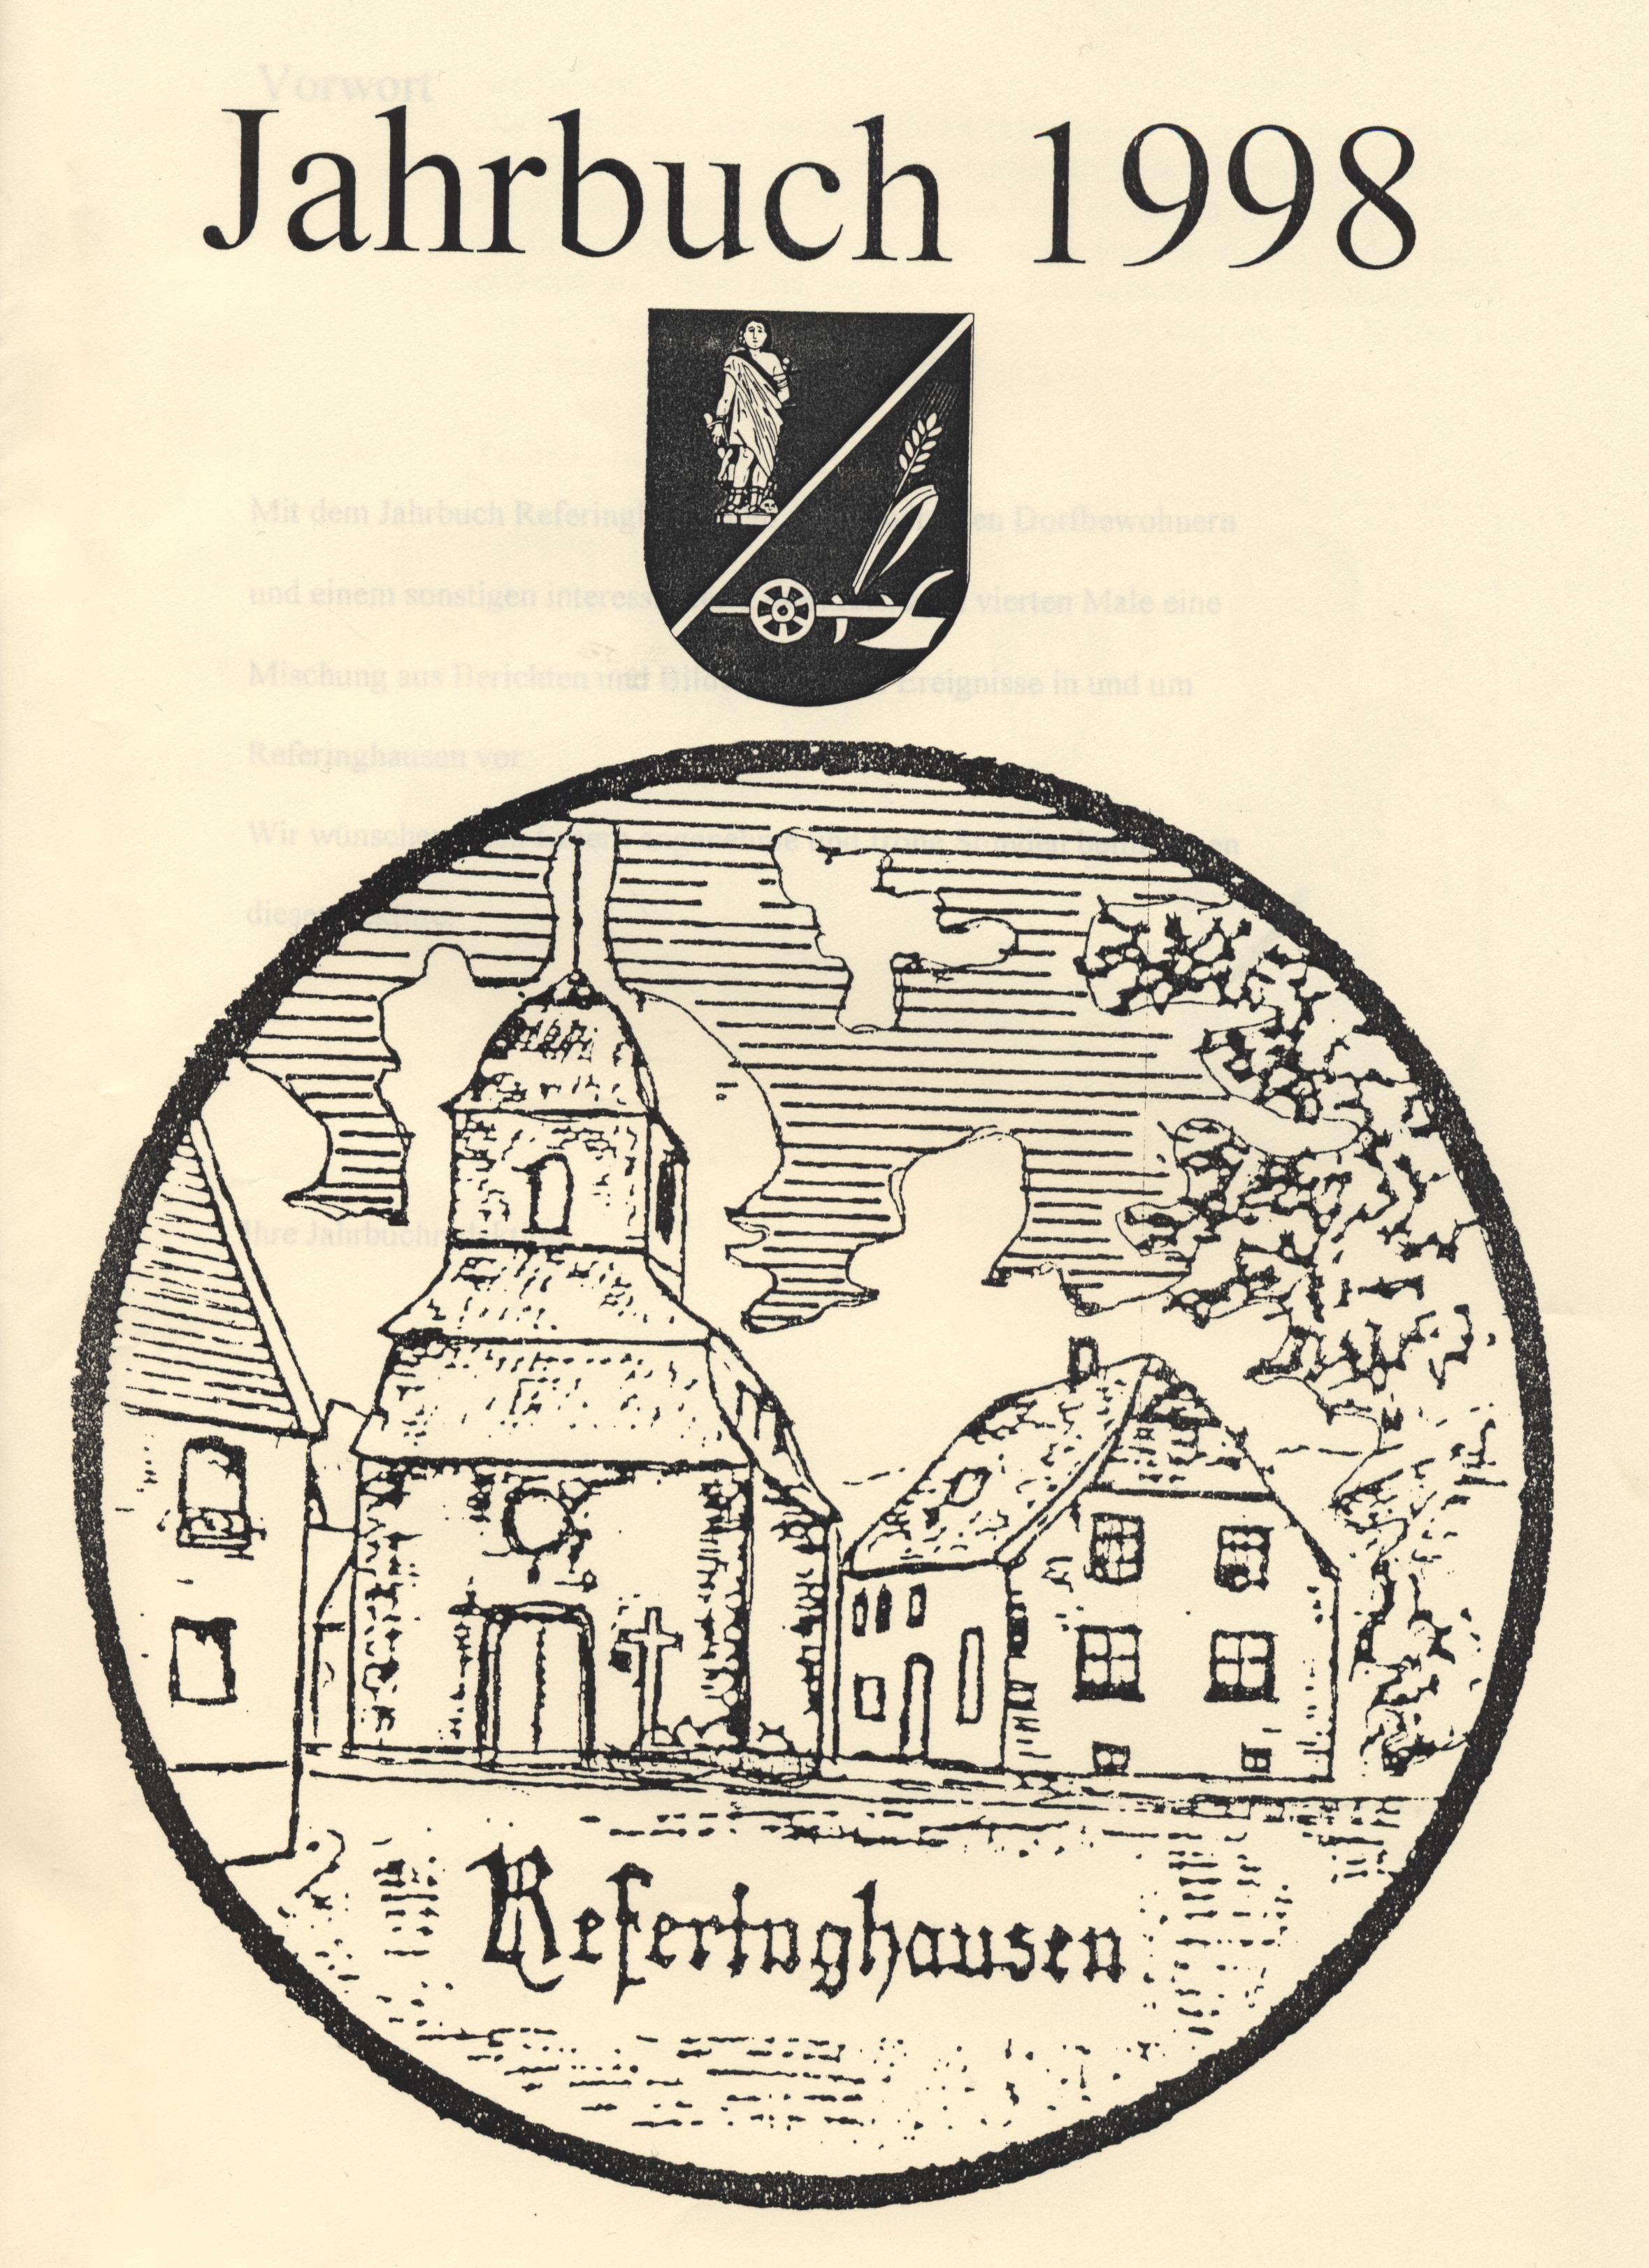 Jahrbuch von 1998